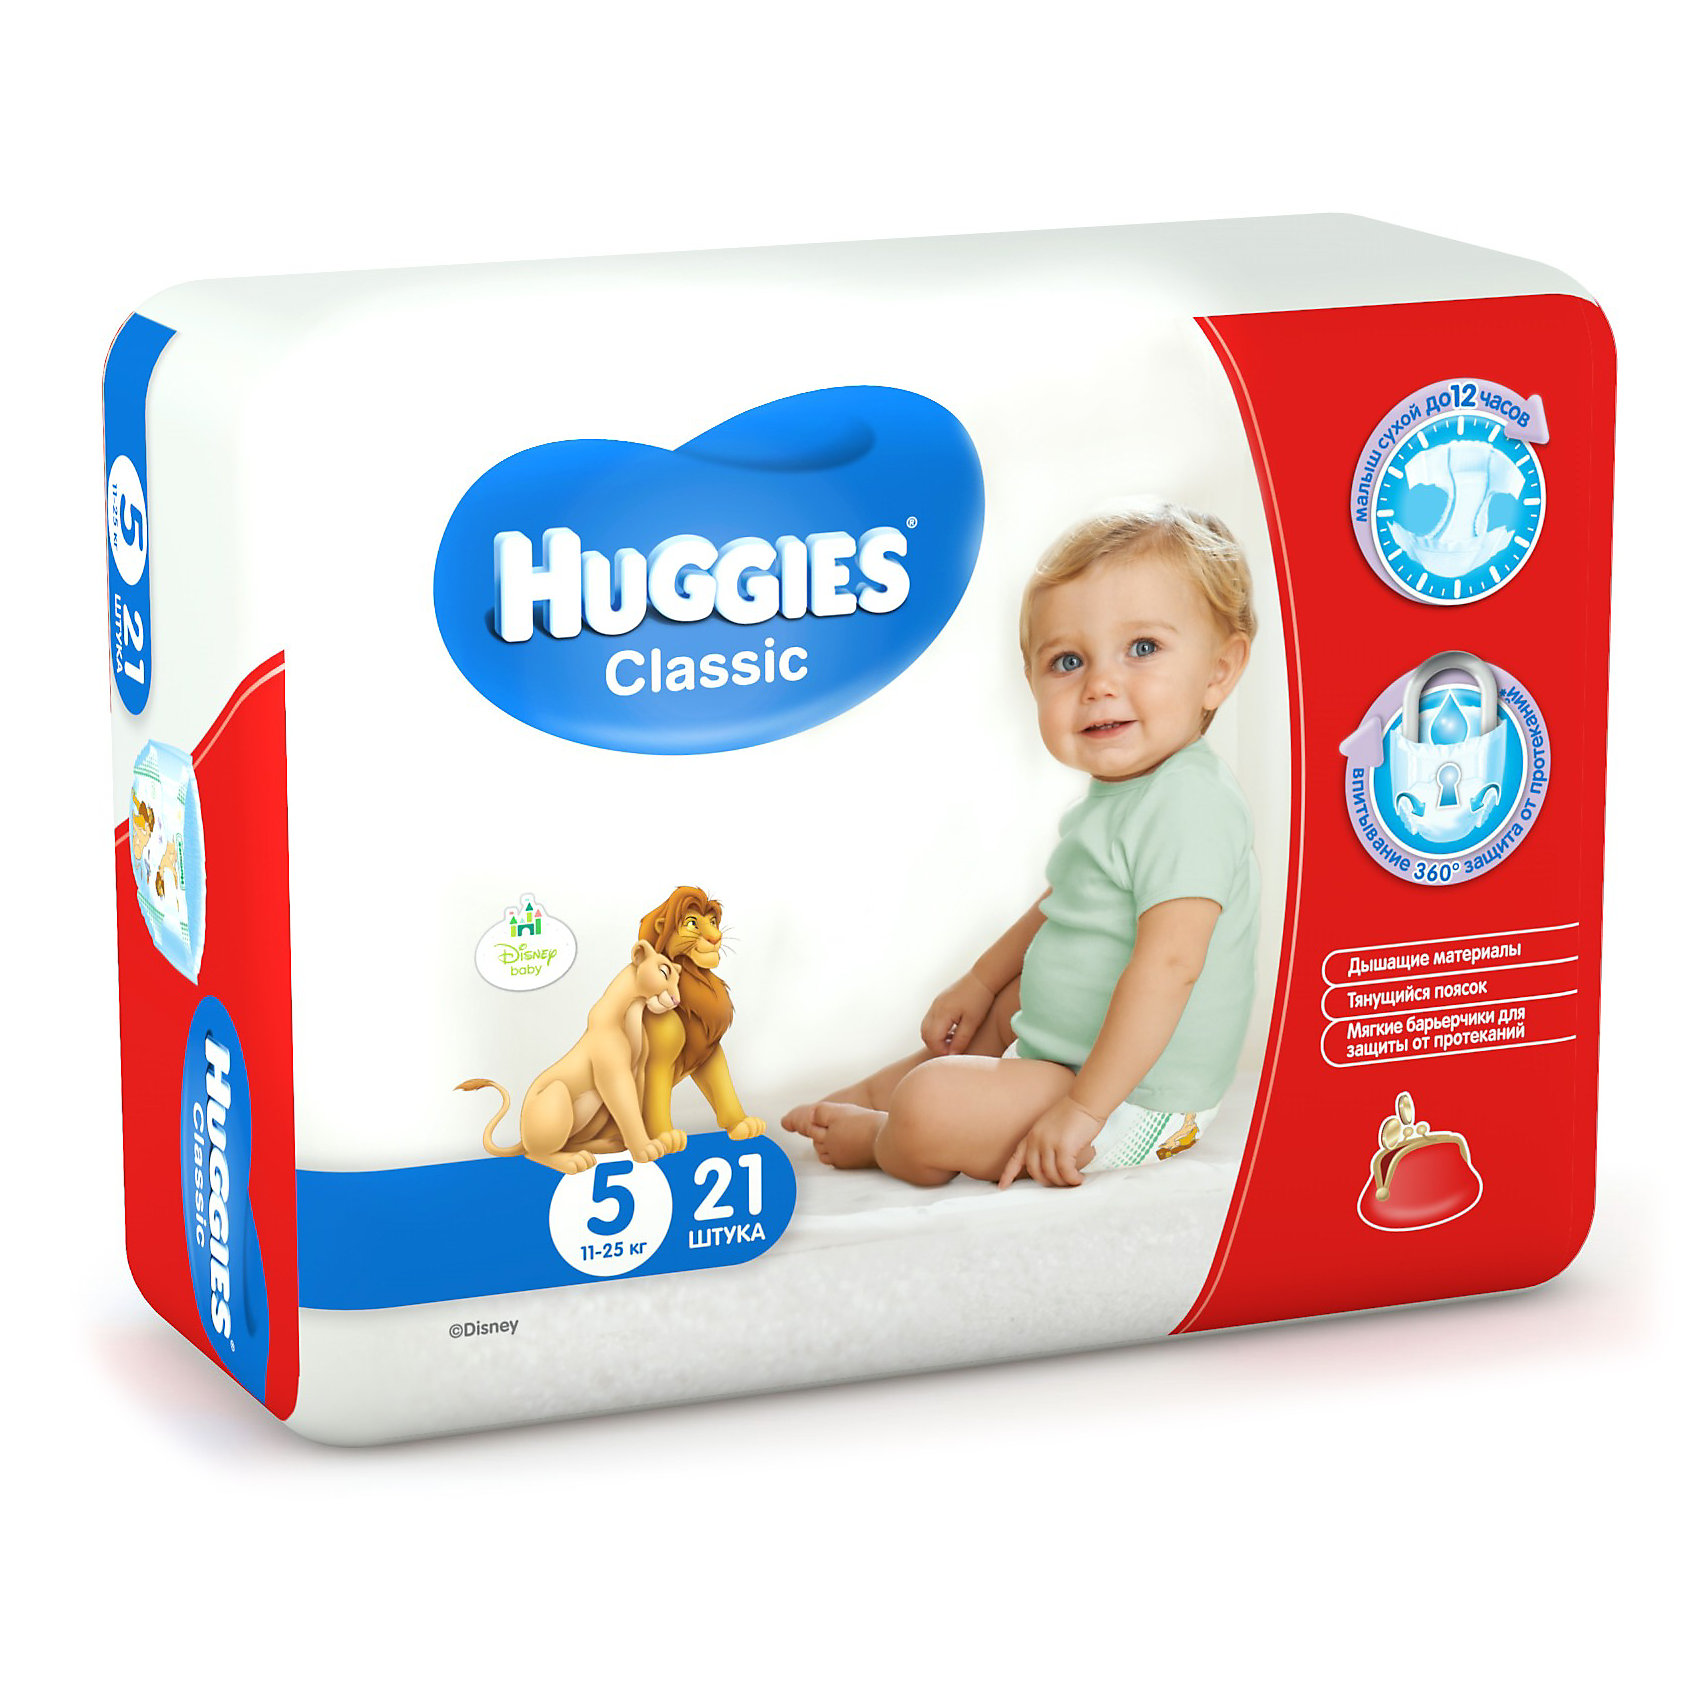 Подгузники Huggies Classic (5) Econom Pack 11-25 кг, 21 шт.Подгузники классические<br>HUGGIES Classic с технологией защиты от протекания 360° впитывают до 12 часов!<br><br>Подгузники HUGGIES Classic, сделанные из мягких дышащих материалов, заботятся о комфорте Вашего малыша. Специальный блок-гель в подгузниках запирает влагу на замок до 12 часов, сохраняя кожу малыша сухой, а технология 360° - мягкие эластичные барьерчики и тянущийся поясок помогают предотвратить протекания вокруг ножек и по спинке.<br><br>Вашему малышу в подгузниках HUGGIES Classic будет сухо и комфортно!<br><br>Дополнительная информация:<br><br>Размер: 5, 11-25 кг.<br>В упаковке: 21 шт.<br><br>Подгузники Huggies Classic (5) Econom Pack 11-25 кг, 21 шт. можно купить в нашем интернет-магазине.<br><br>Ширина мм: 396<br>Глубина мм: 237<br>Высота мм: 324<br>Вес г: 766<br>Возраст от месяцев: 12<br>Возраст до месяцев: 84<br>Пол: Унисекс<br>Возраст: Детский<br>SKU: 3389840